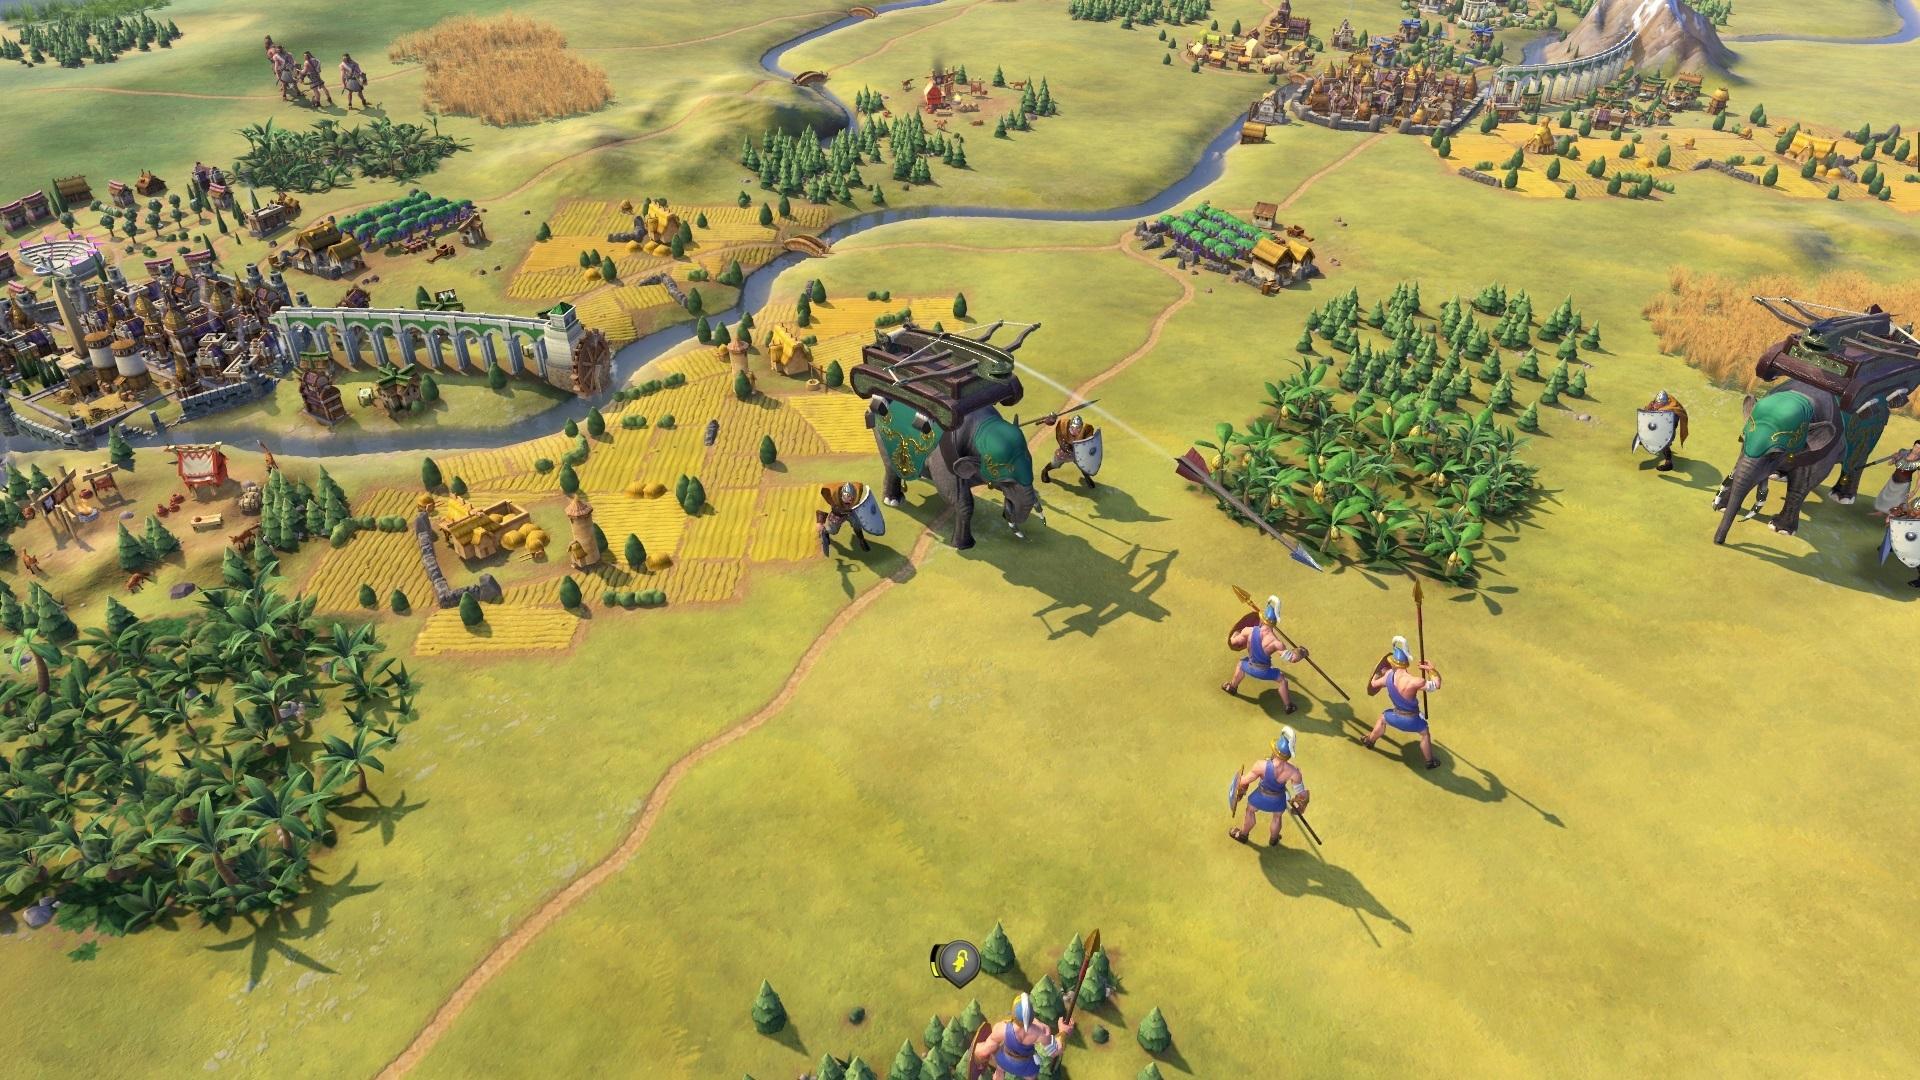 Civilization vi free on epic